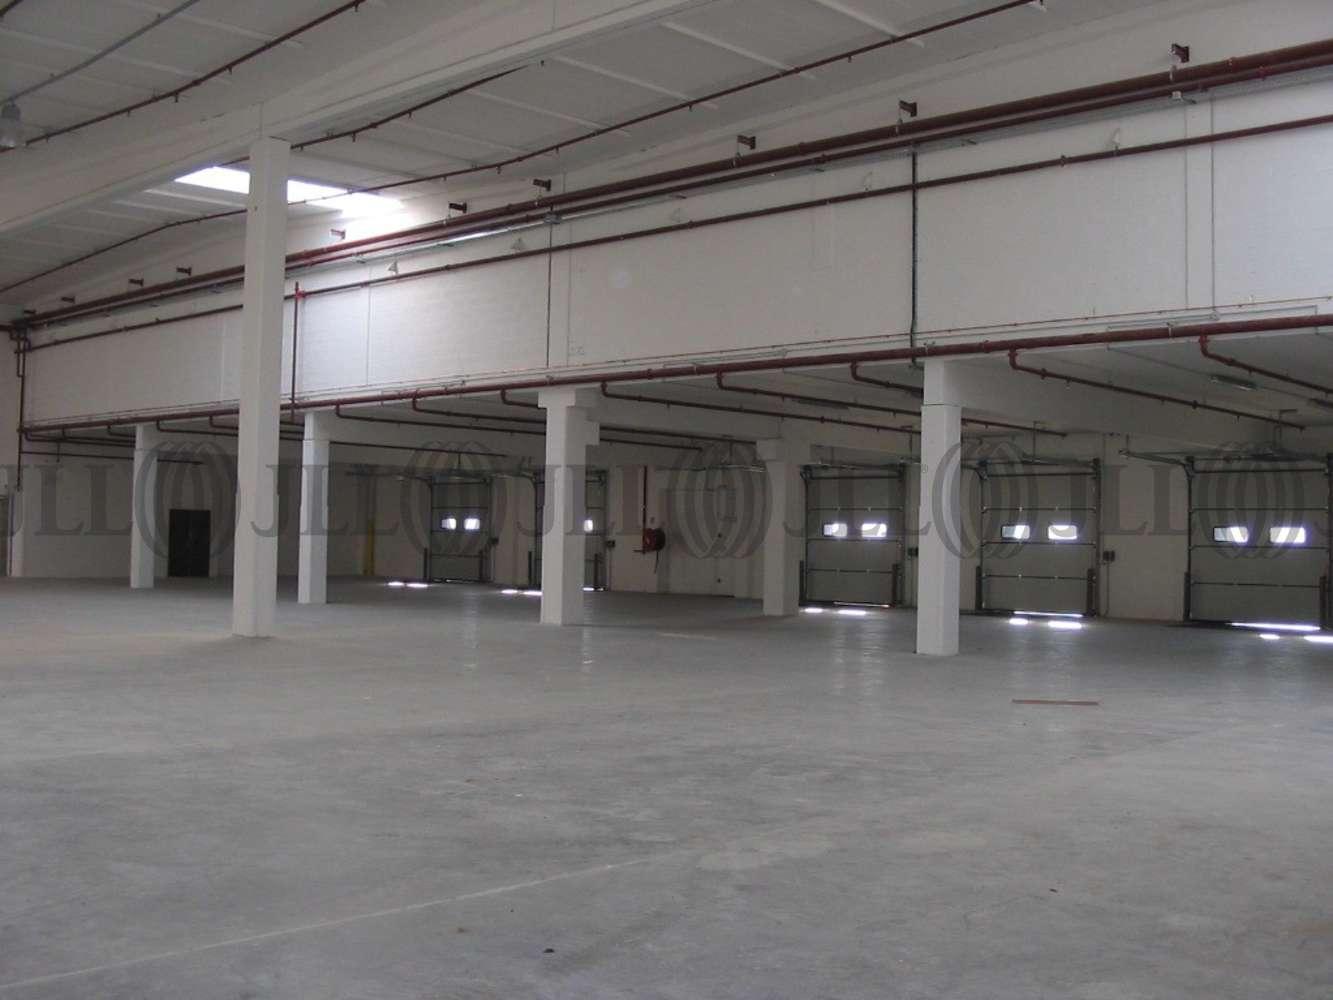 Activités/entrepôt Aulnay sous bois, 93600 - IDF NORD / LA PLAINE DE FRANCE - 9475805